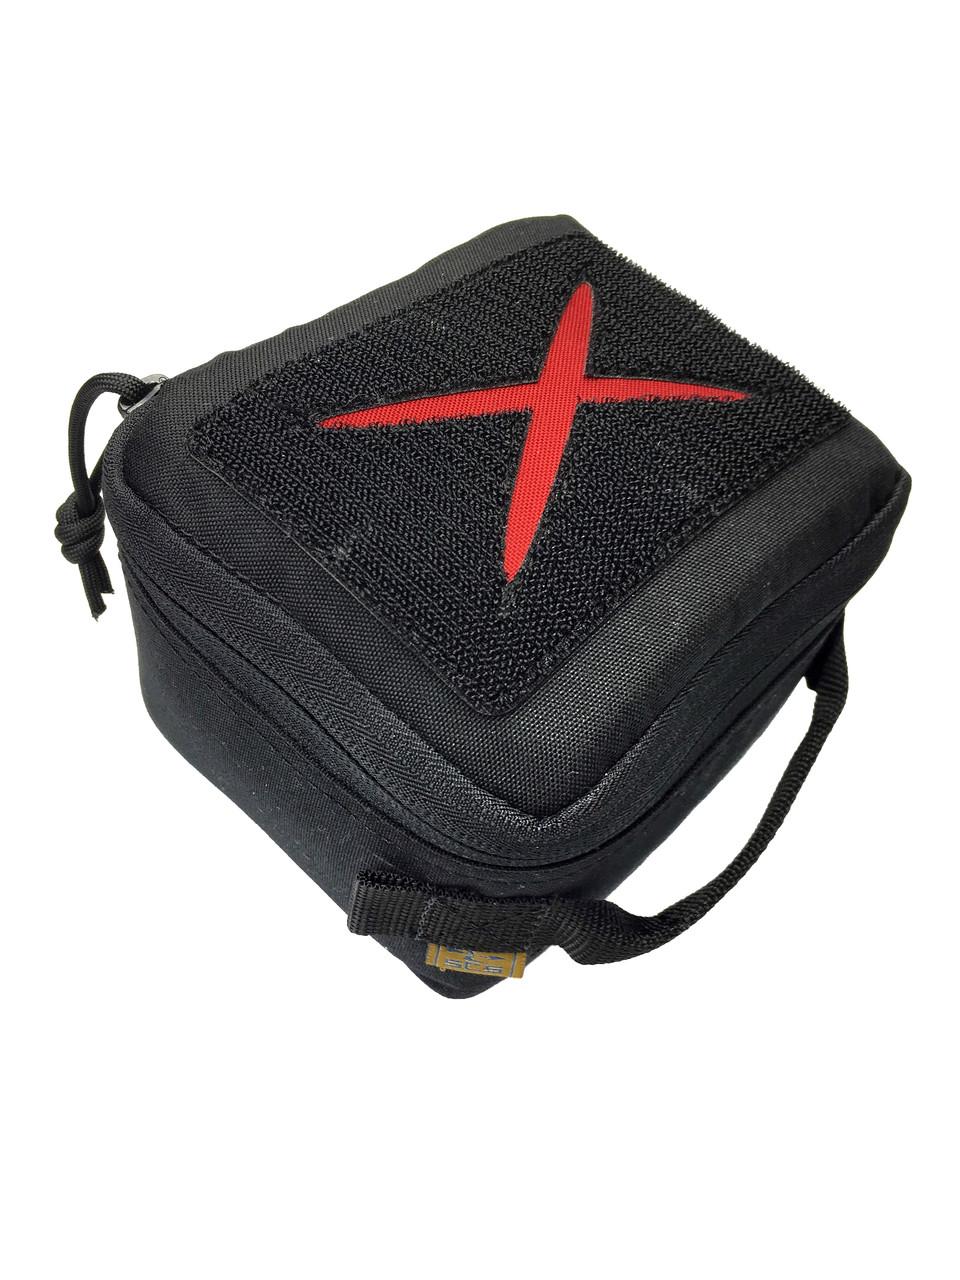 Защитный чехол Earmuffs Safety Case Black